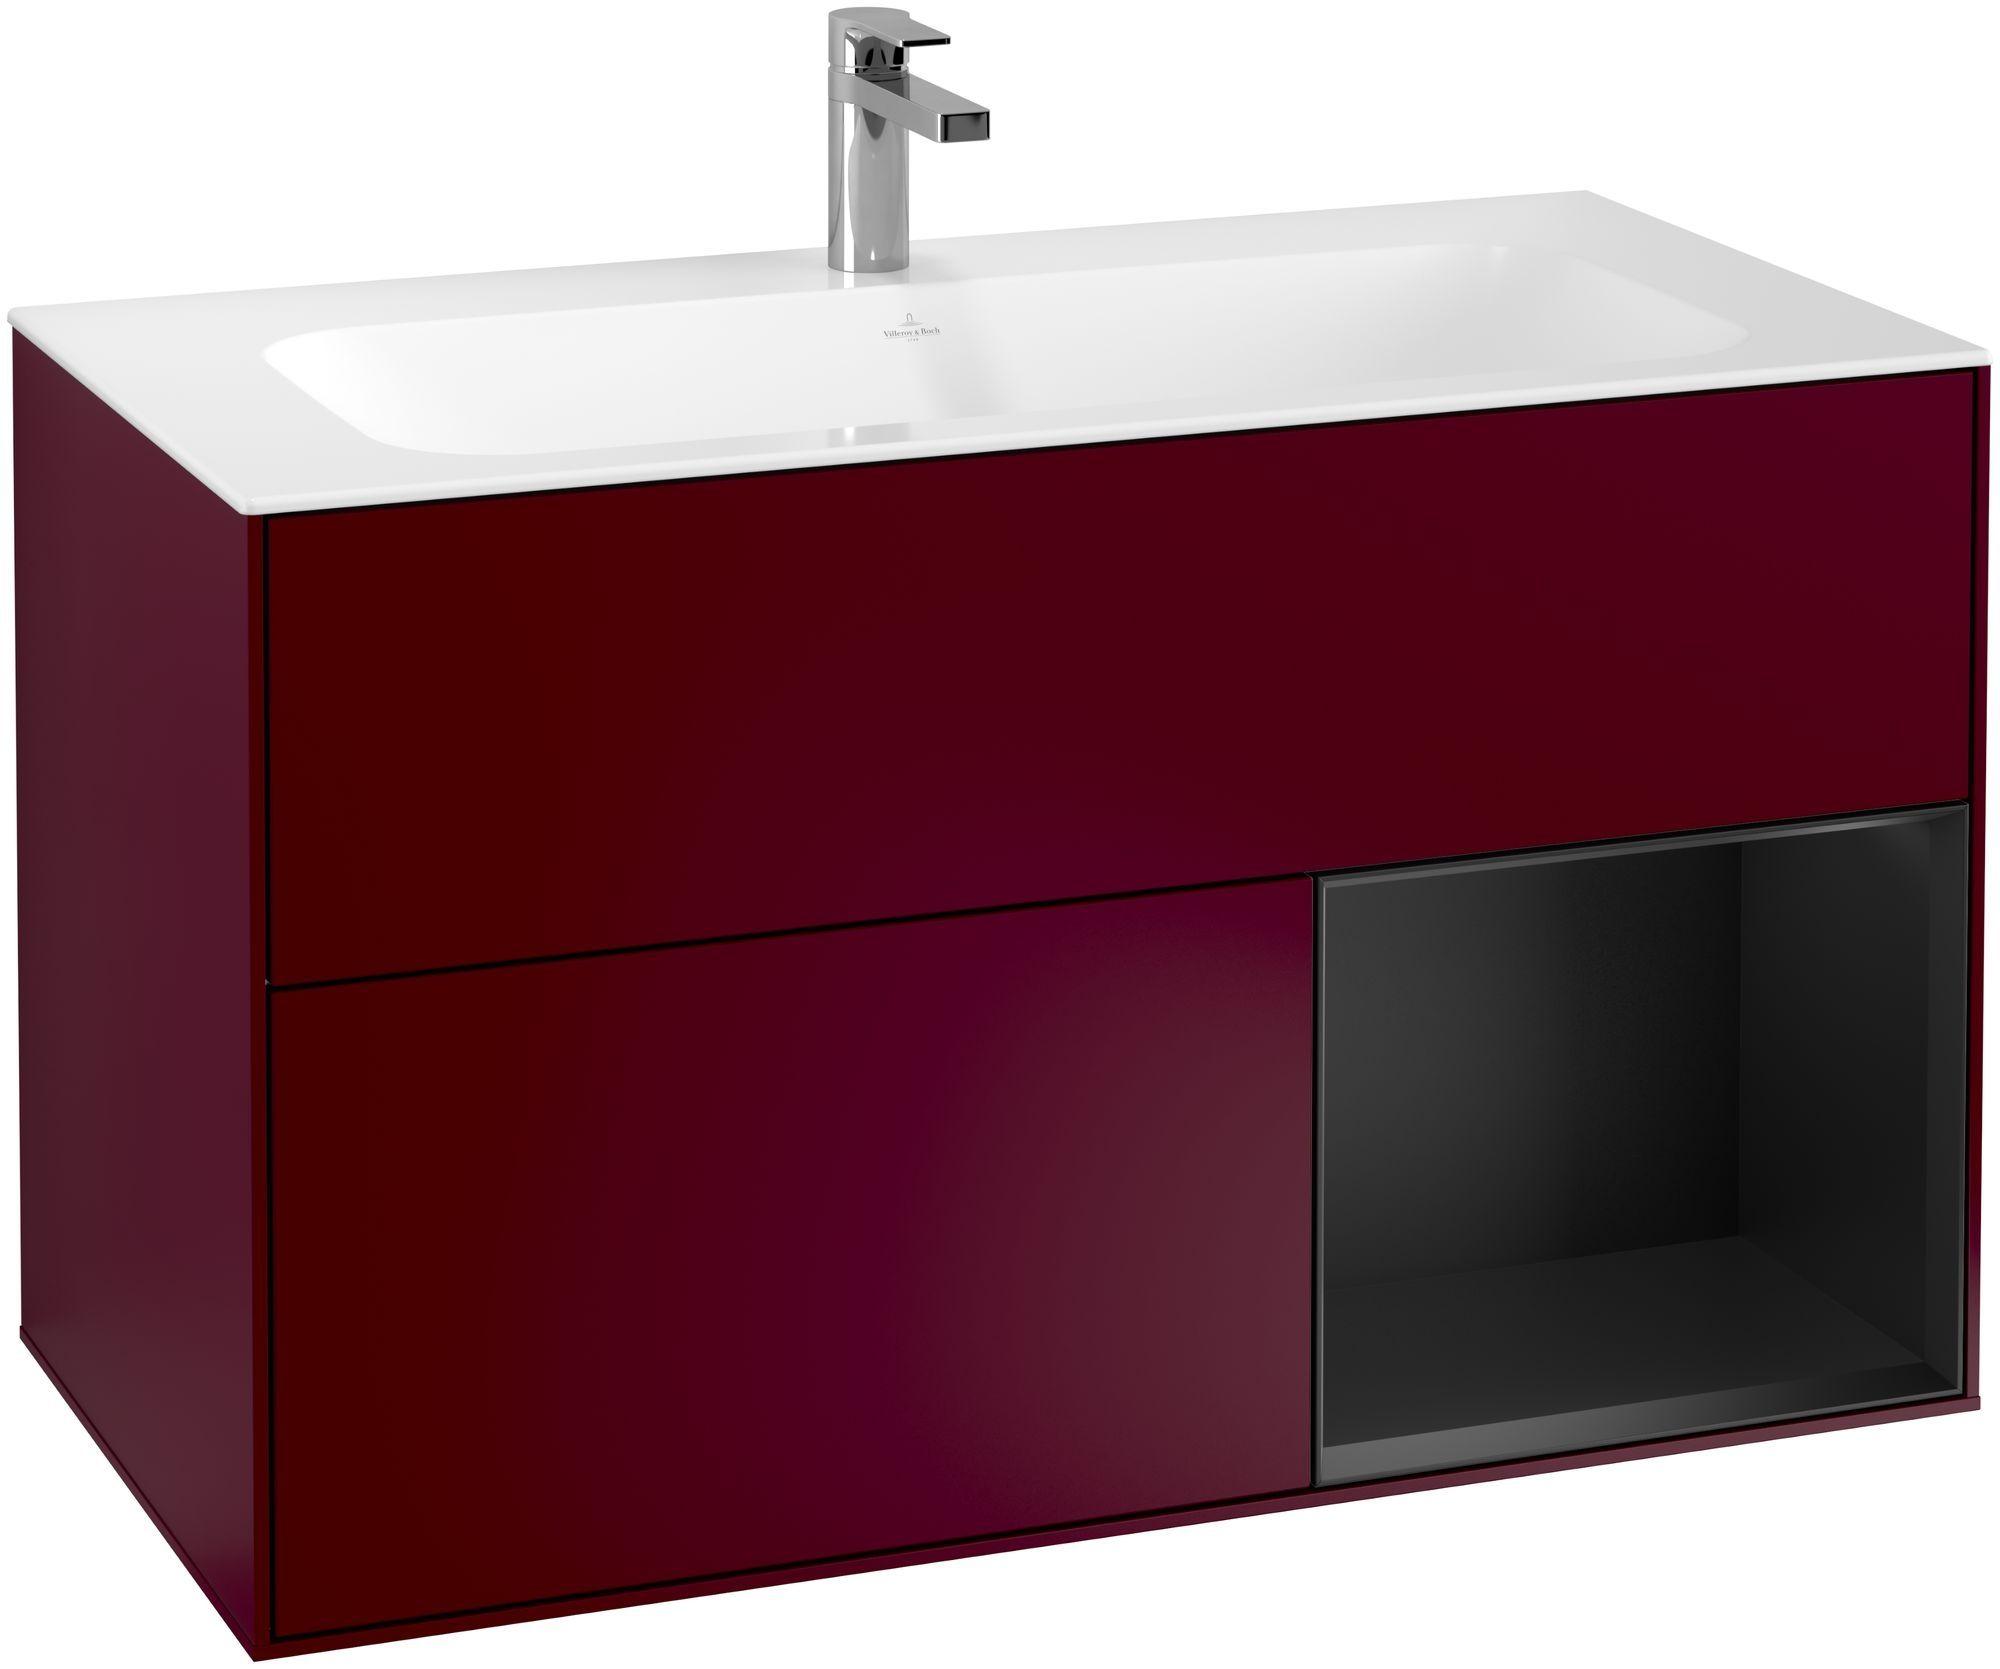 Villeroy & Boch Finion F04 Waschtischunterschrank mit Regalelement 2 Auszüge LED-Beleuchtung B:99,6xH:59,1xT:49,8cm Front, Korpus: Peony, Regal: Black Matt Lacquer F040PDHB